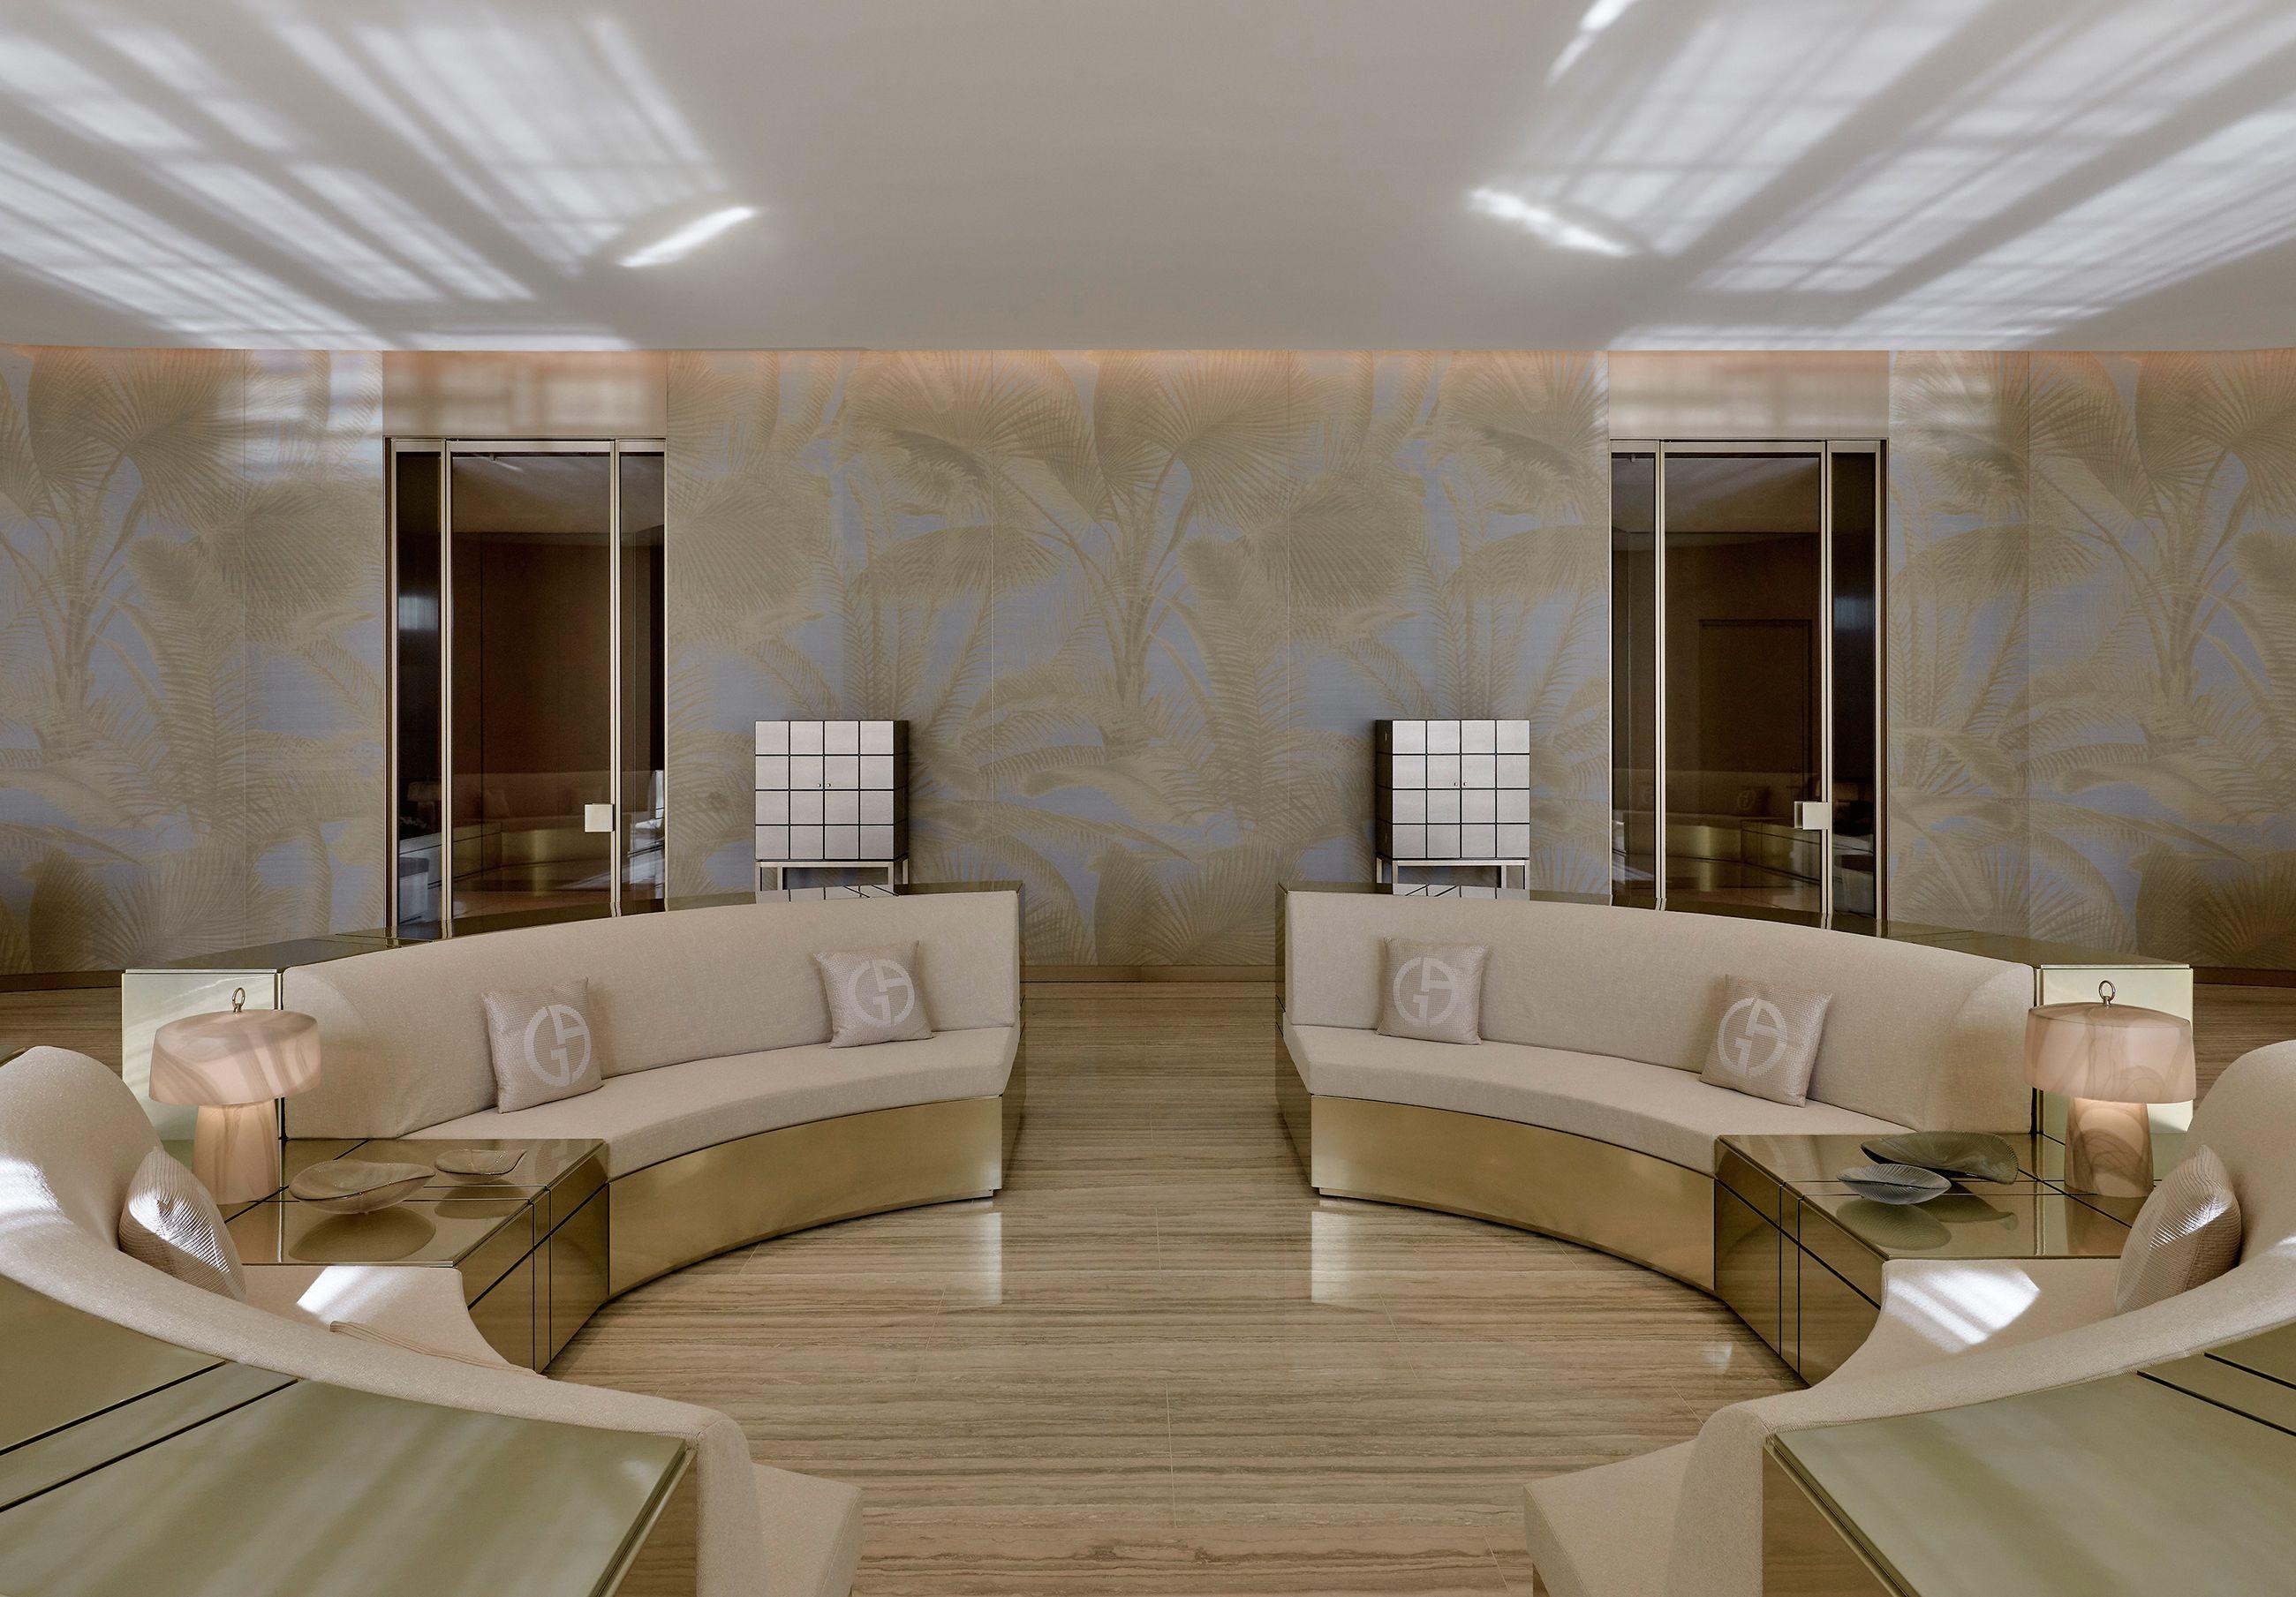 Armani Casa Miami First U S Condo Tower